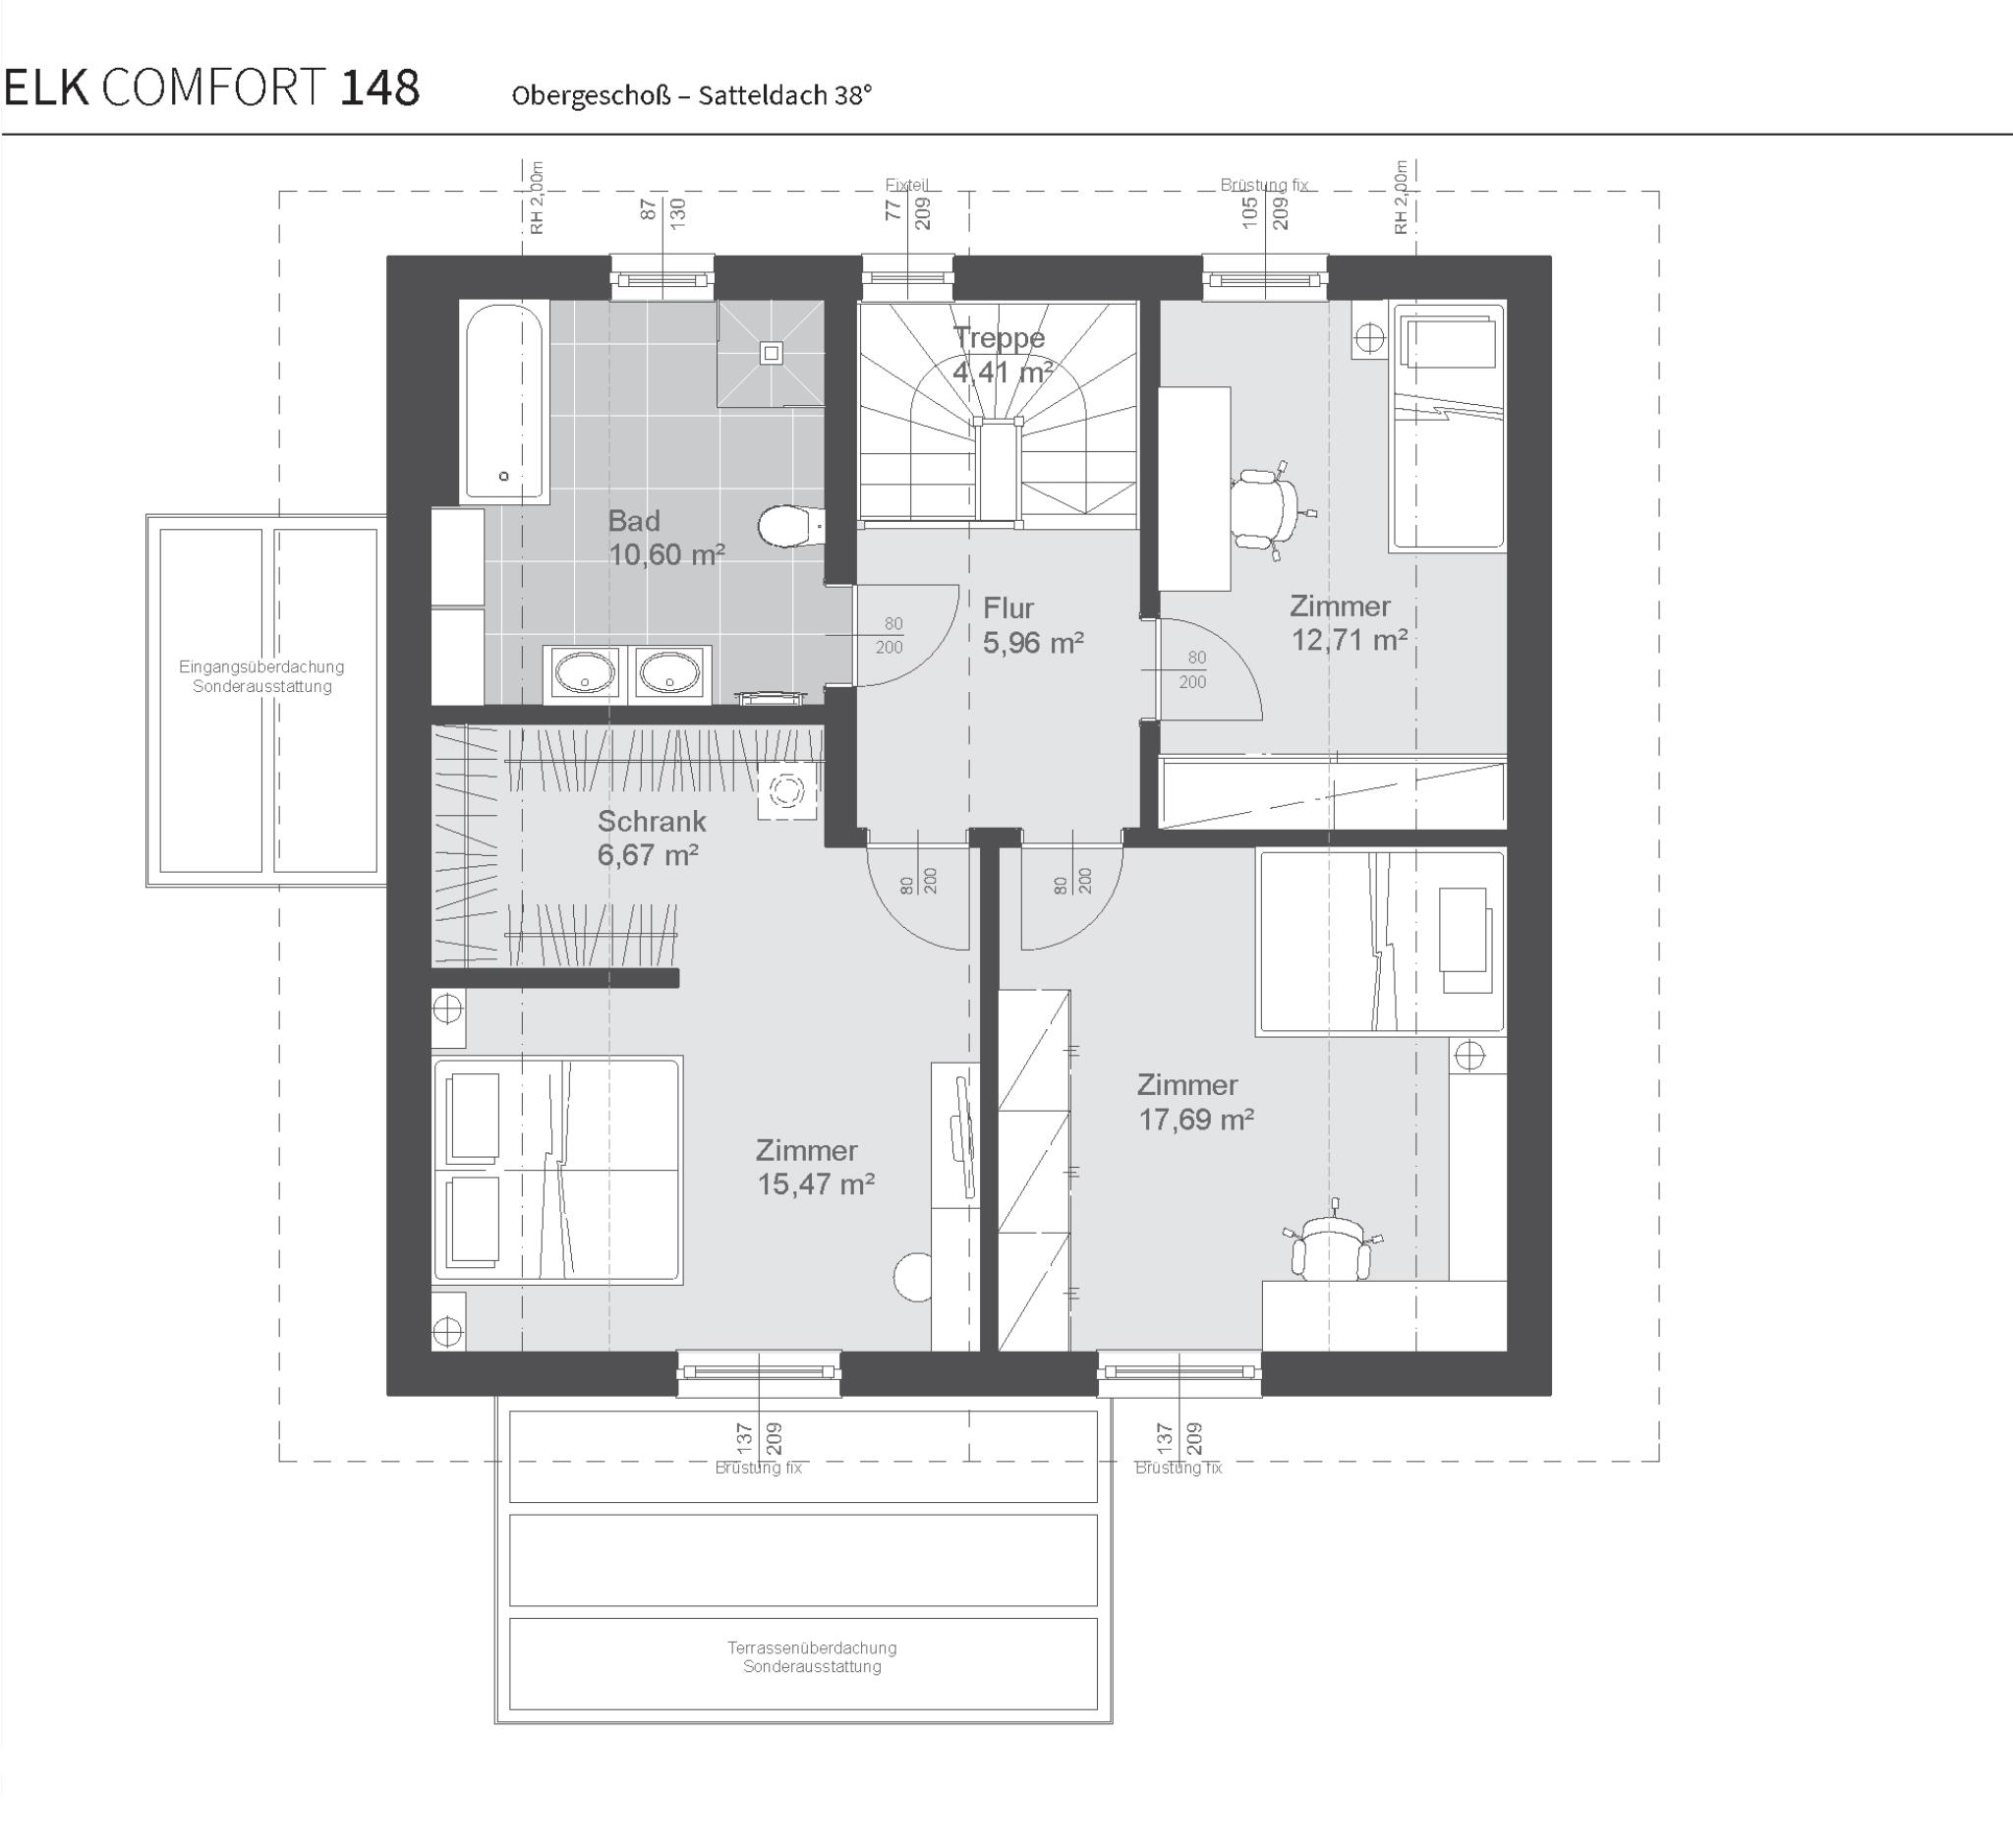 grundriss-fertighaus-elk-comfort-148-obergeschoss-satteldach38